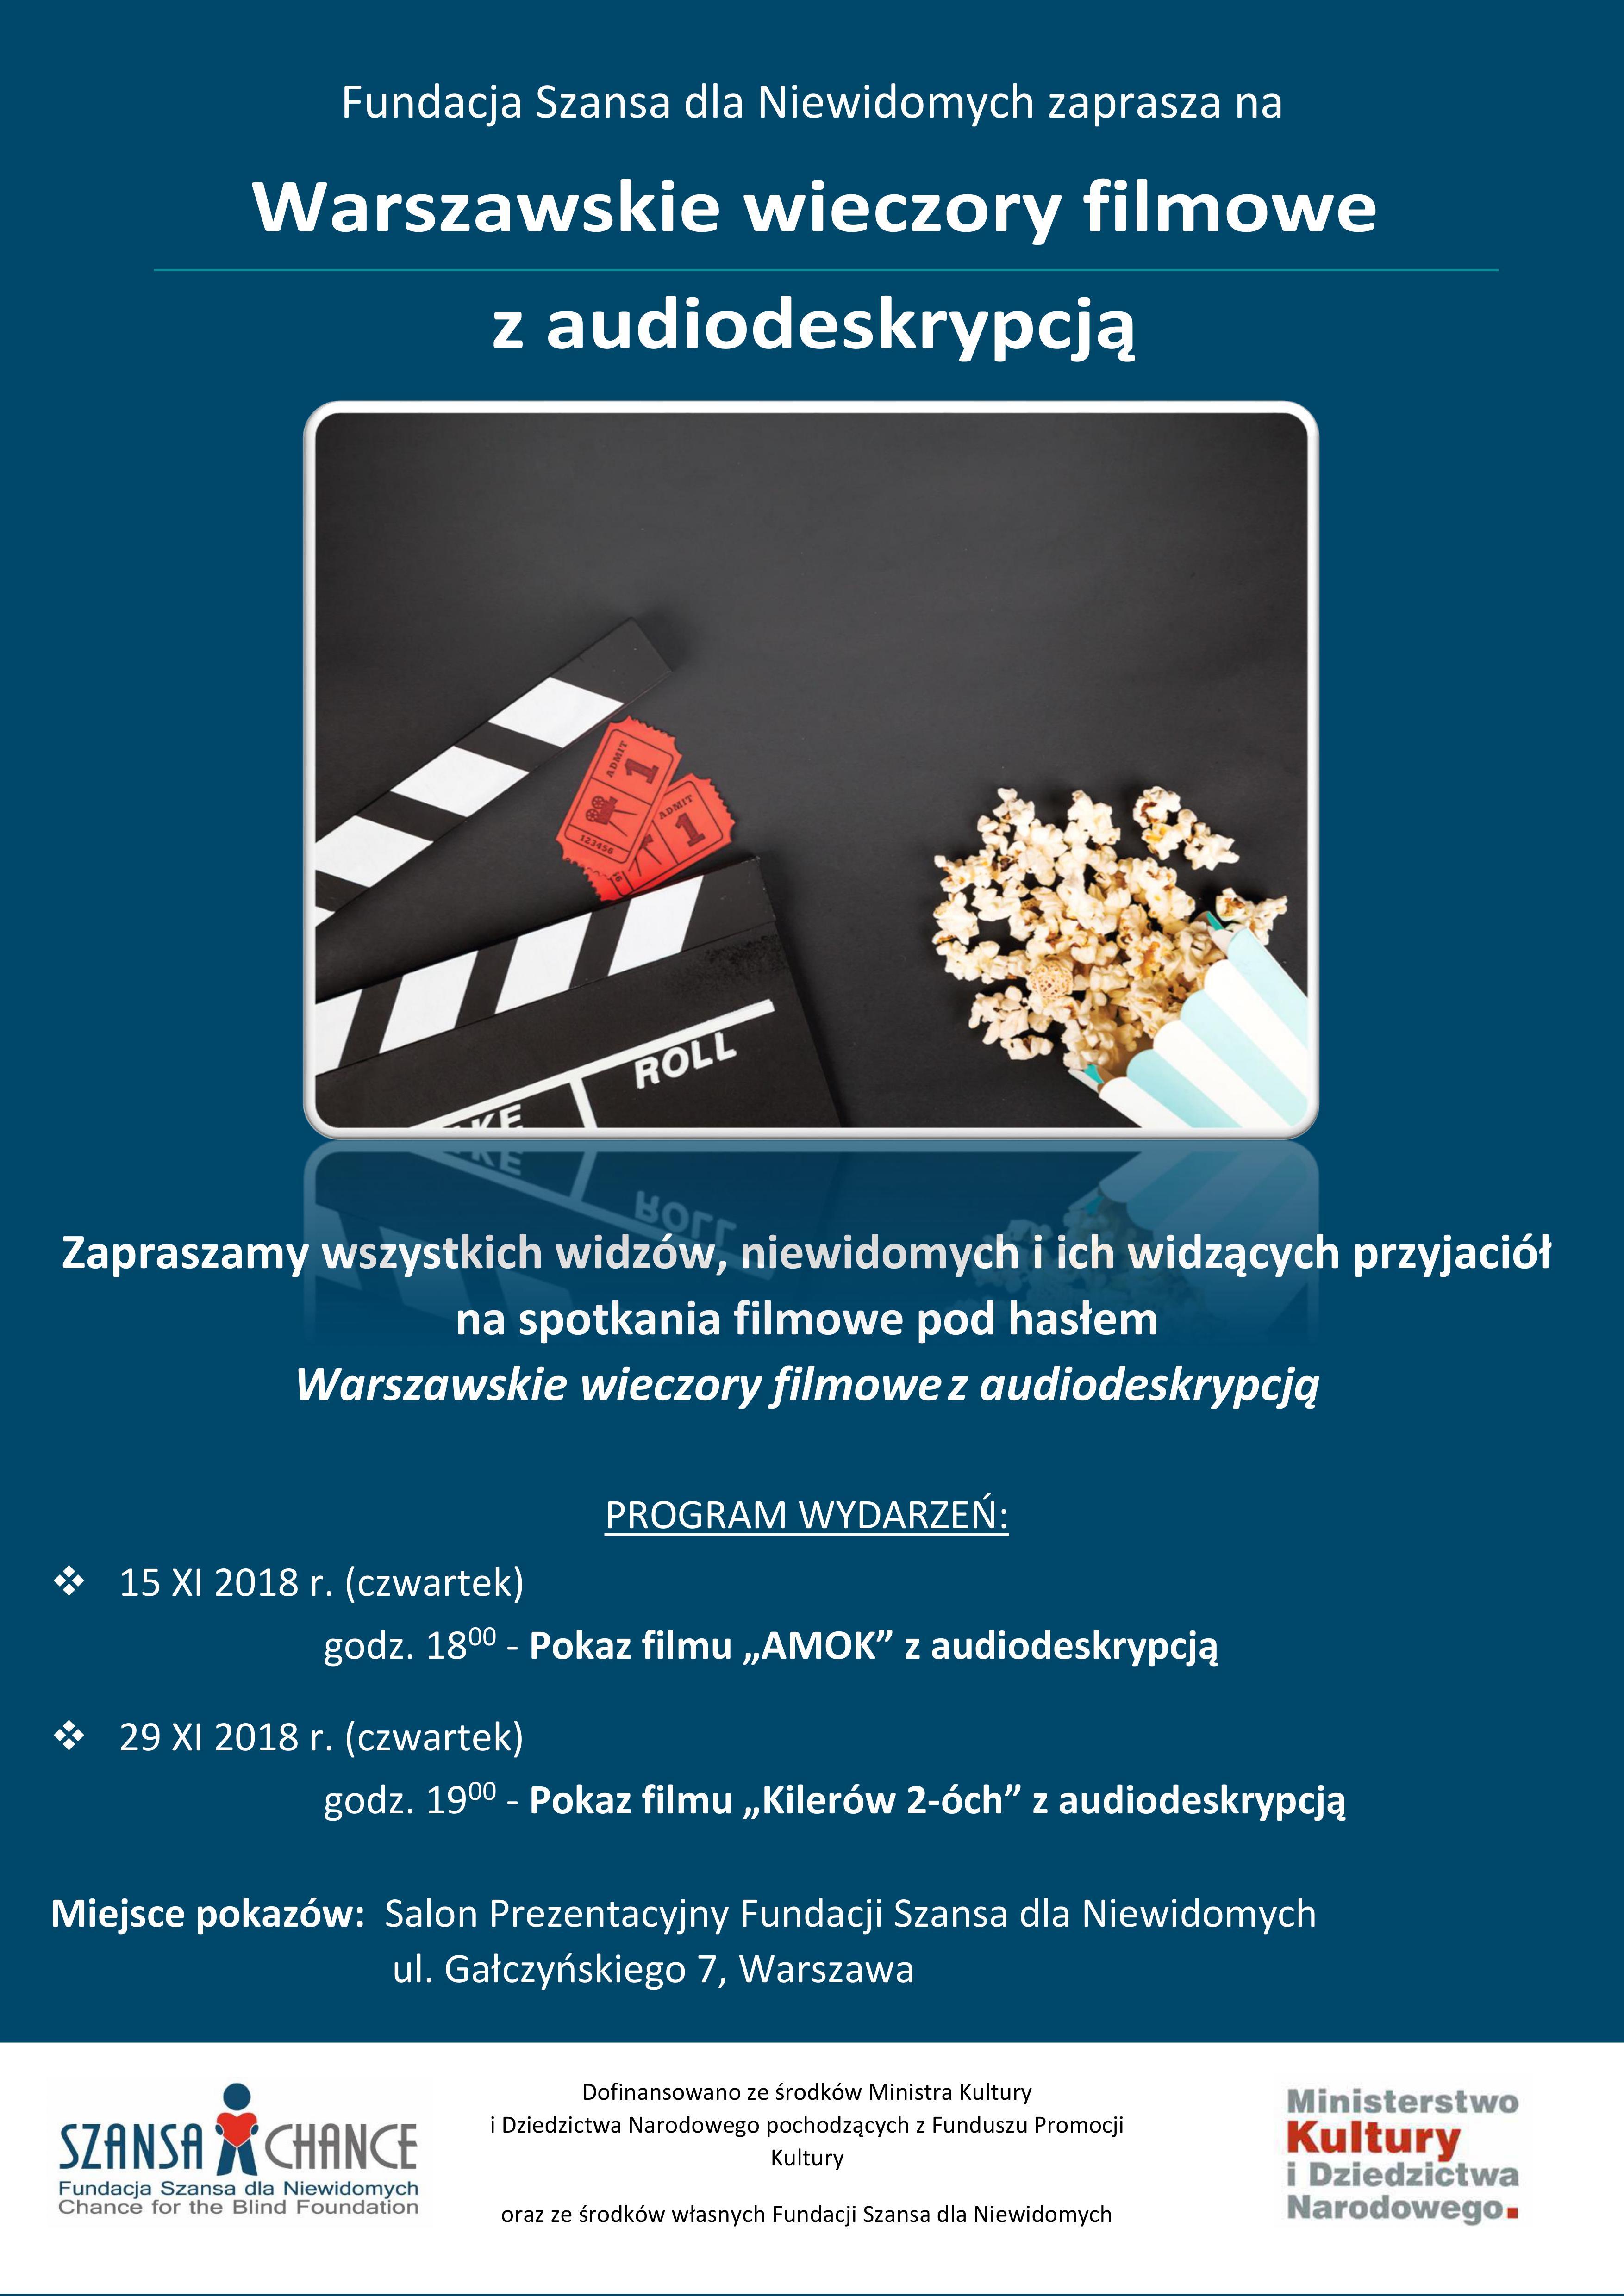 plakat informujący o projekcjach filmu